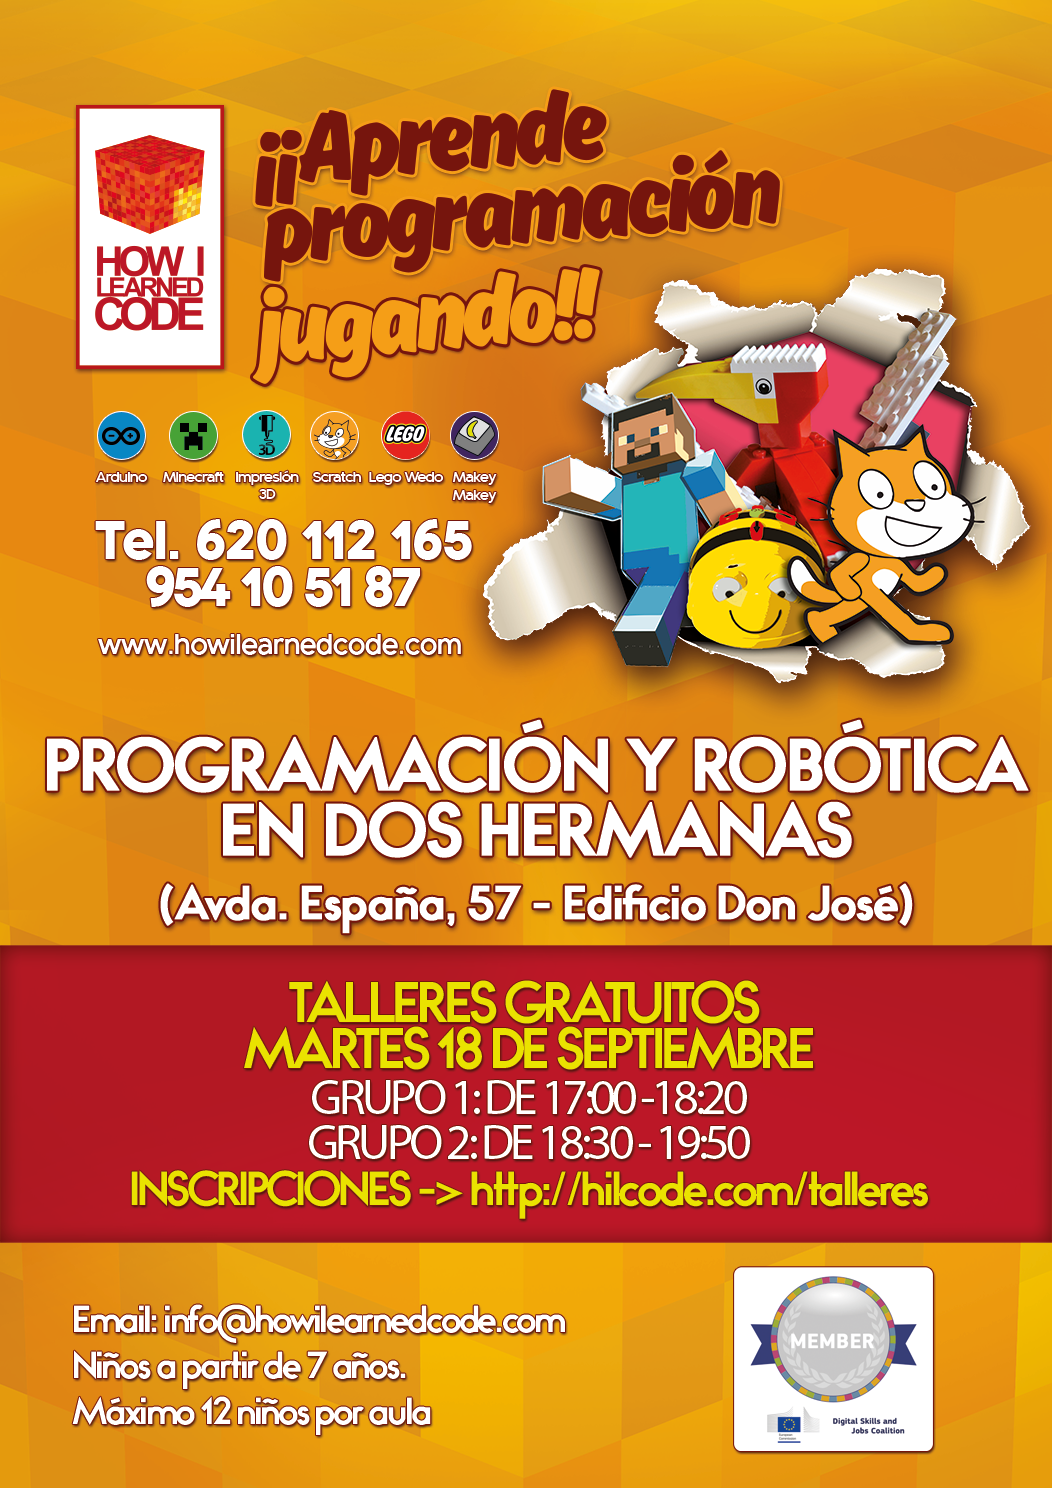 taller gratuito programacion y robotica para ninos